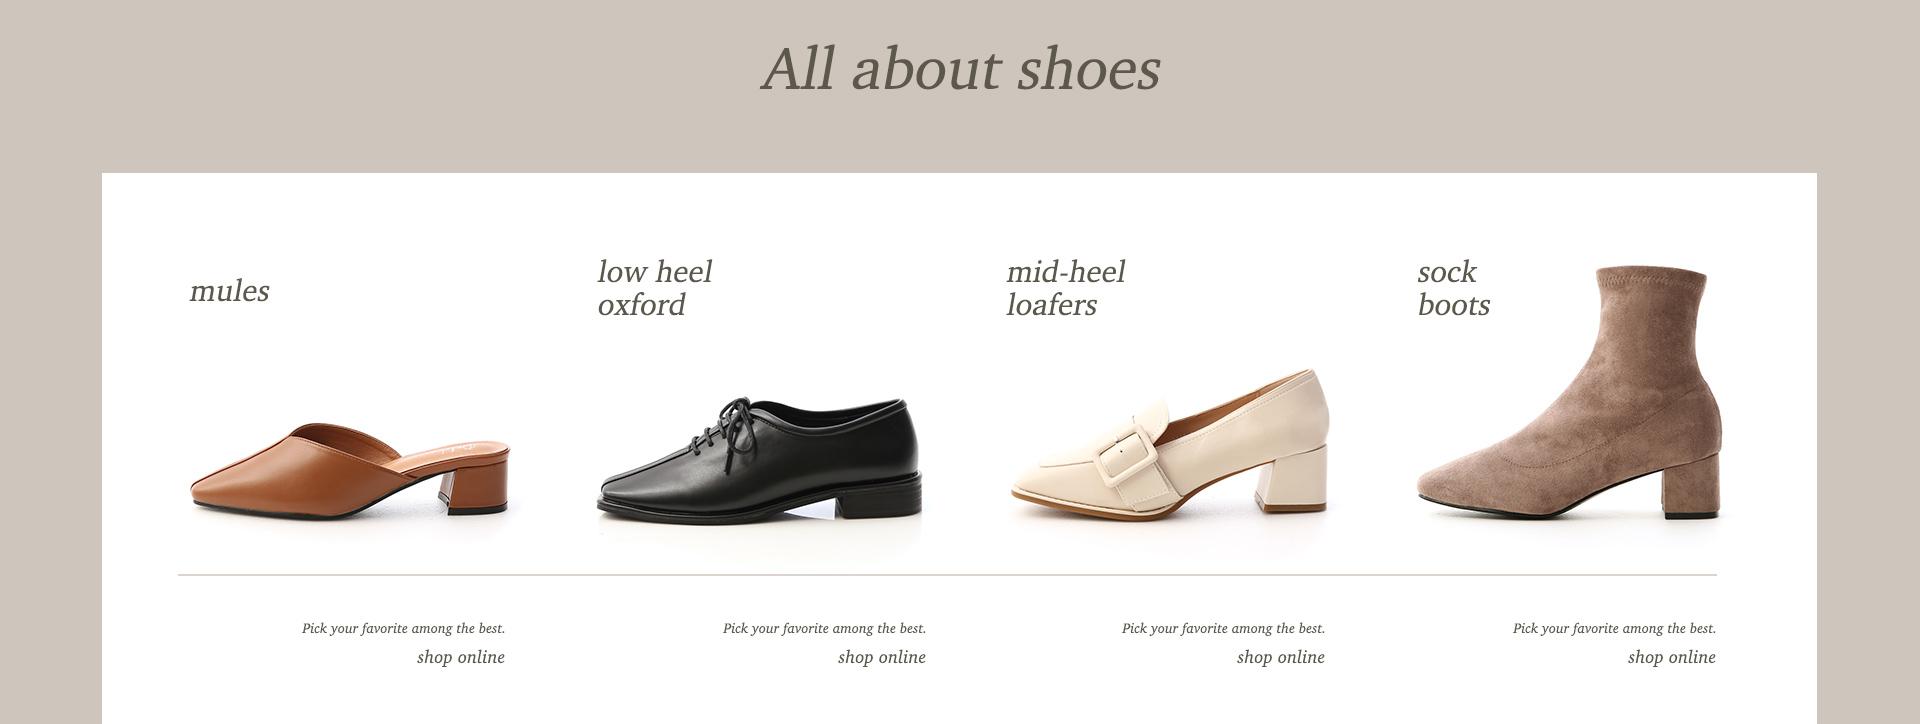 2021流行女鞋 穆勒鞋 牛津鞋 樂福鞋 襪靴 短靴